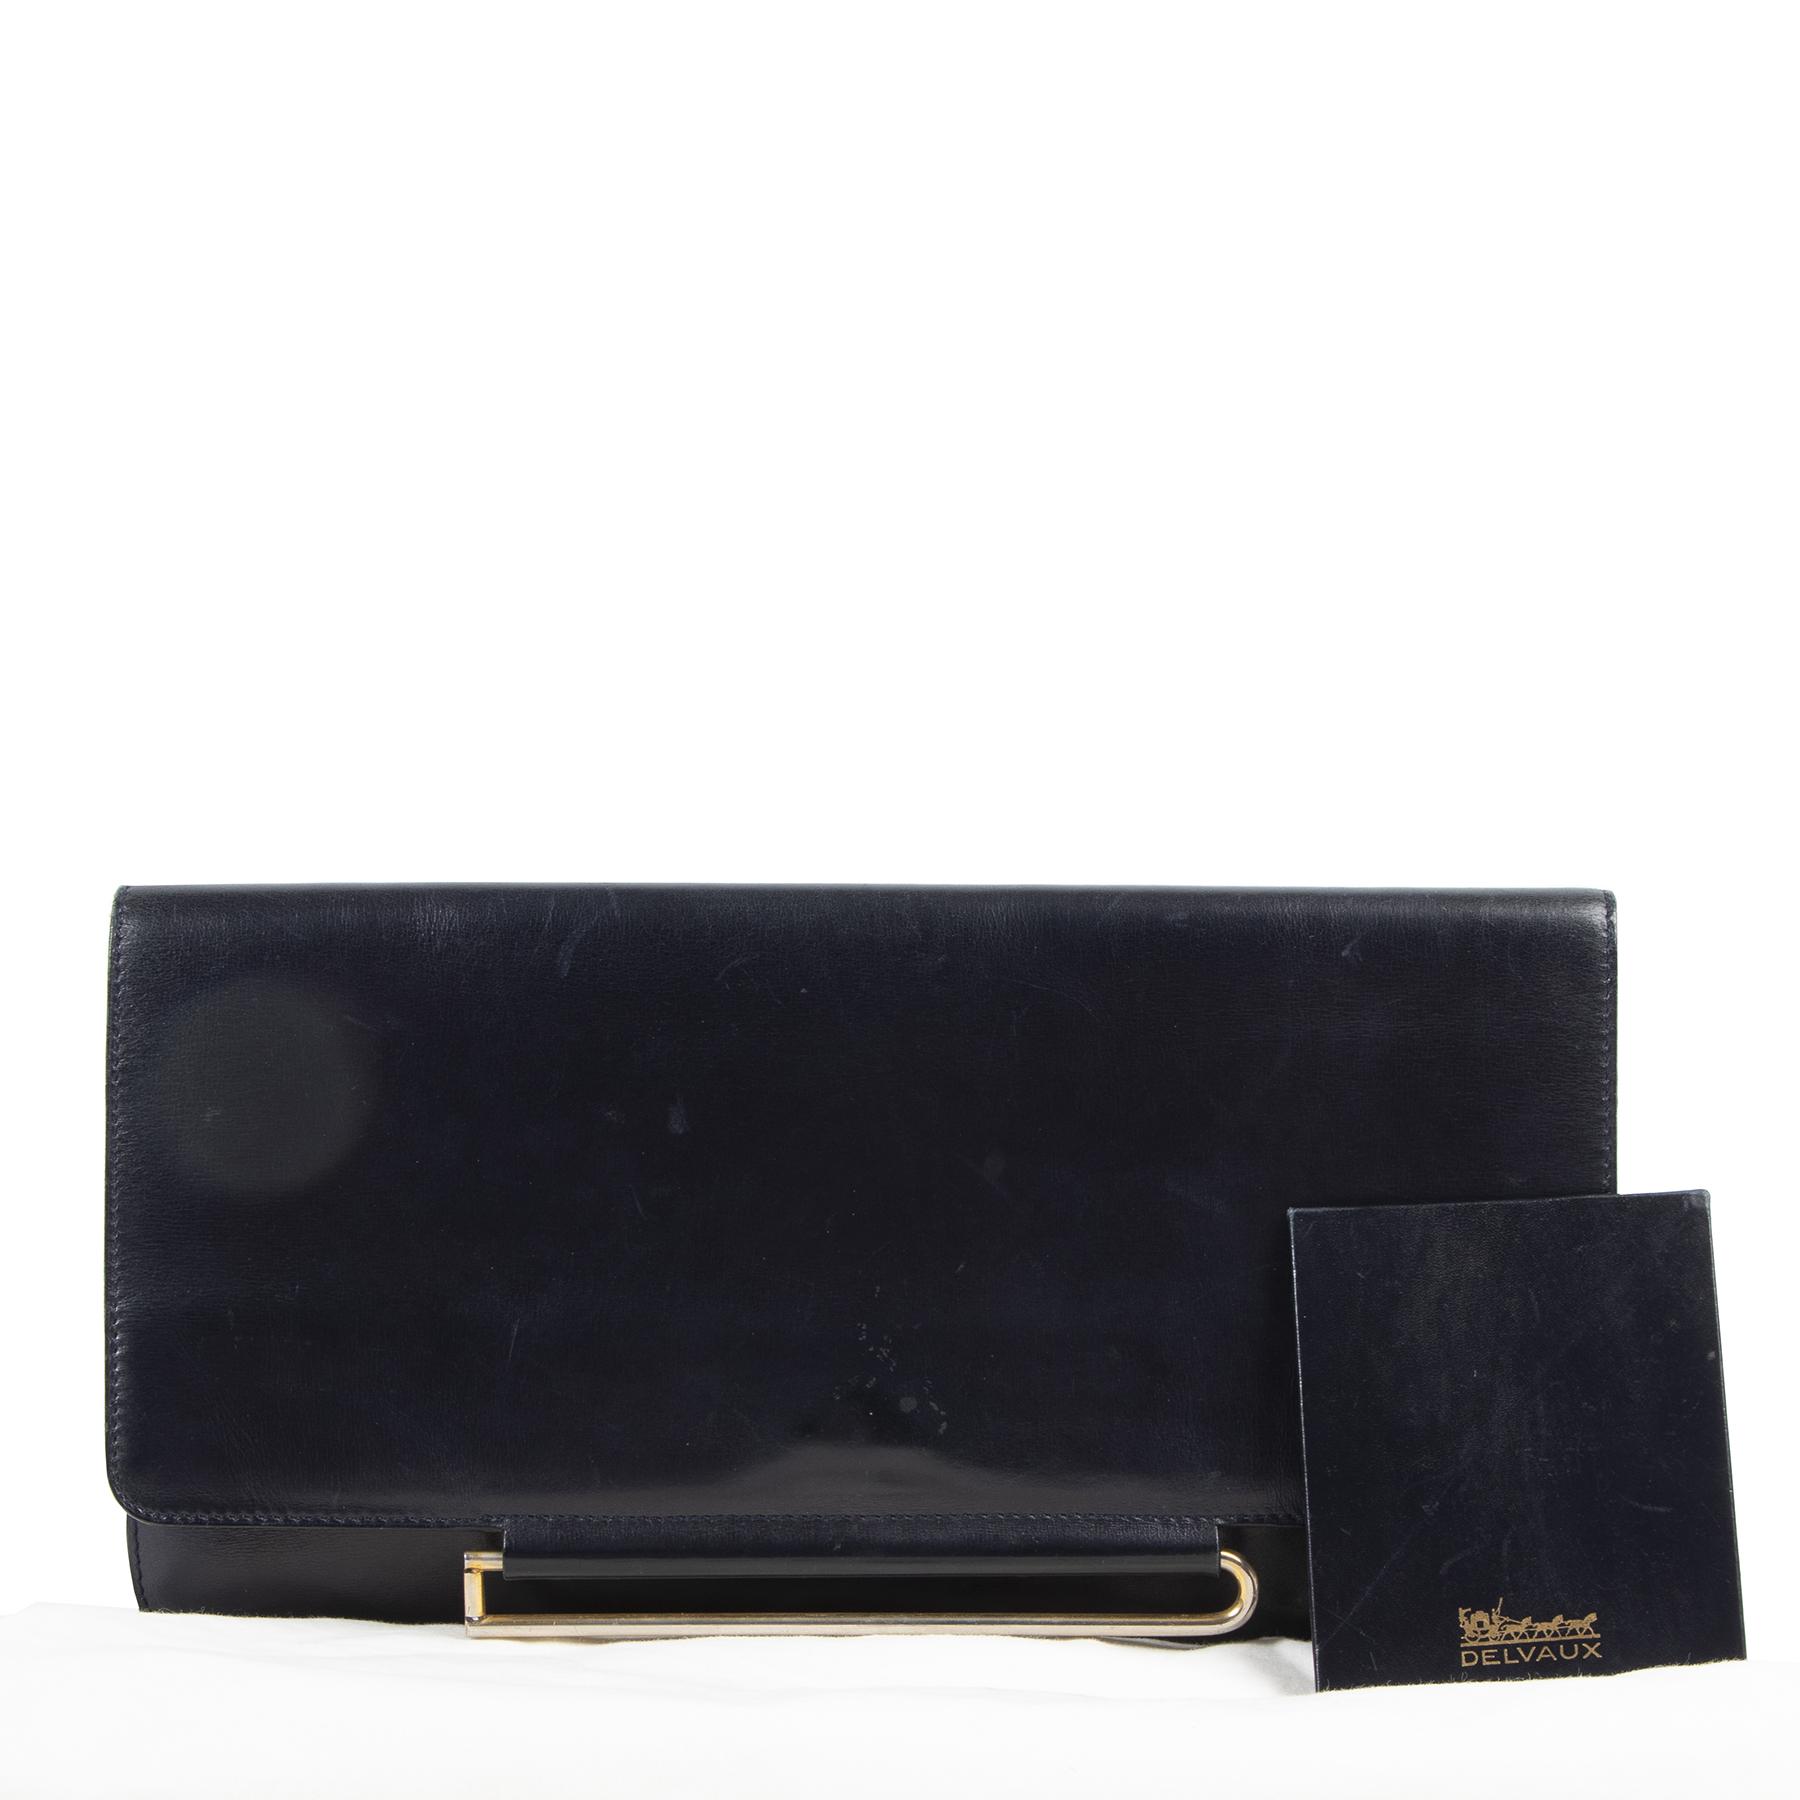 Delvaux Blue Leather Pochette Clutch pour le meilleur prix chez Labellov à Anvers